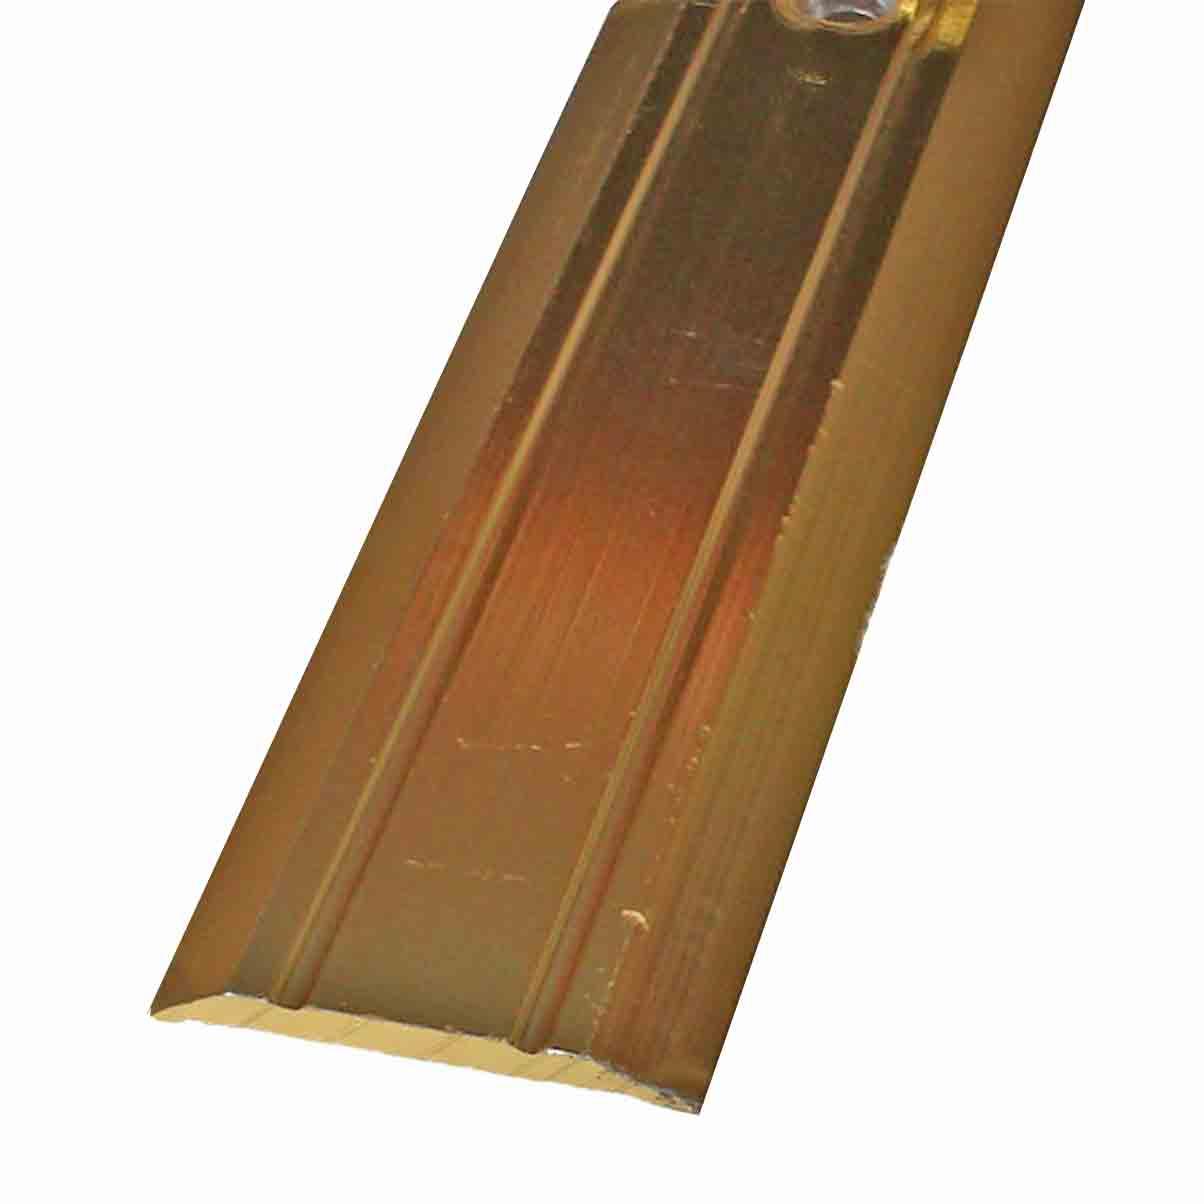 Vinyl small cover gold door trim x 2 7 mtr long